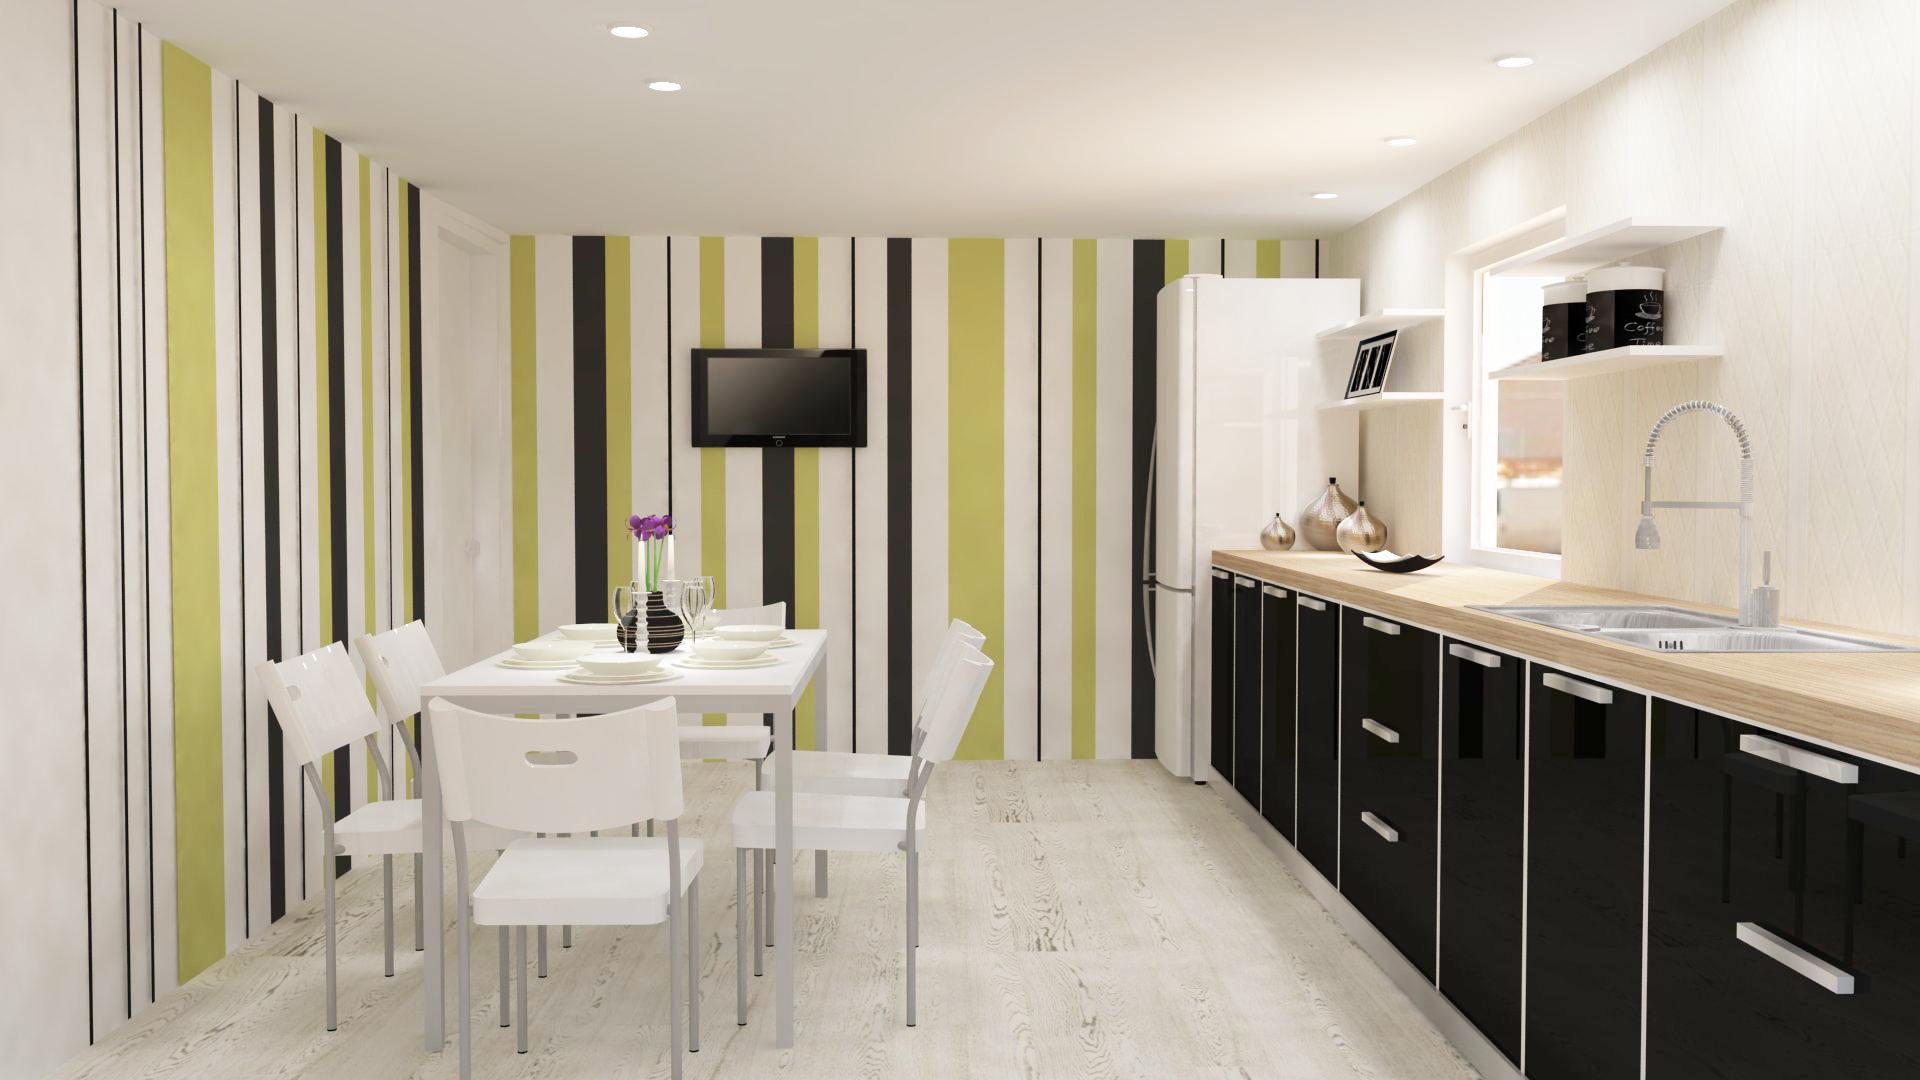 design interior mobila bucatarie dungi verticale, mobila moderna